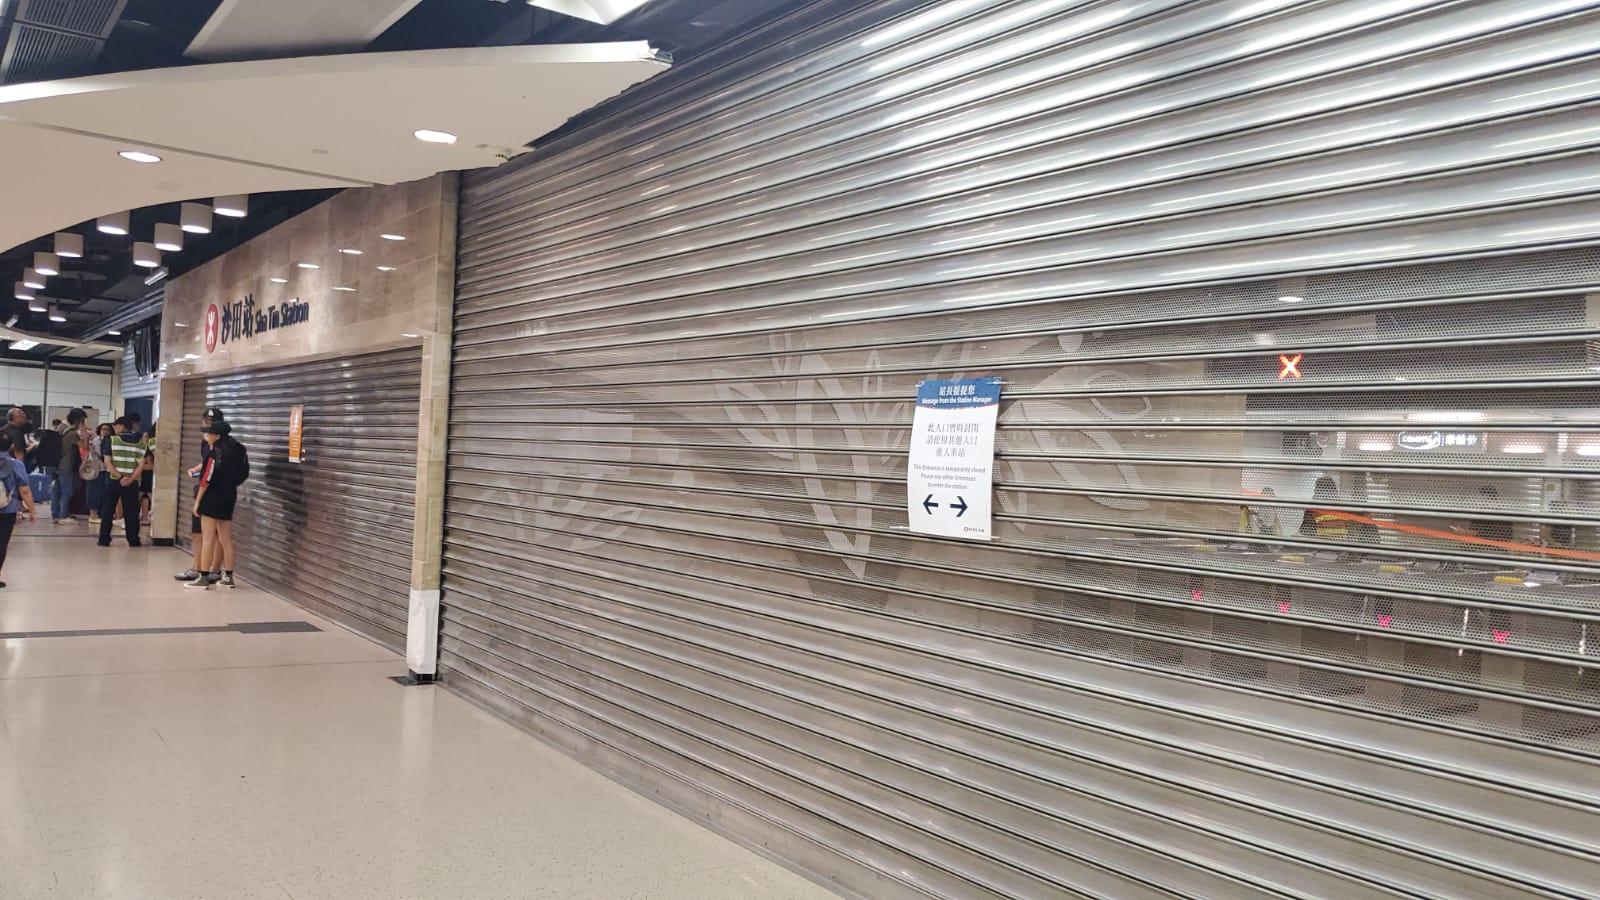 【修例风波】警斥示威者破坏沙田港铁站设施 由商场高处掟杂物